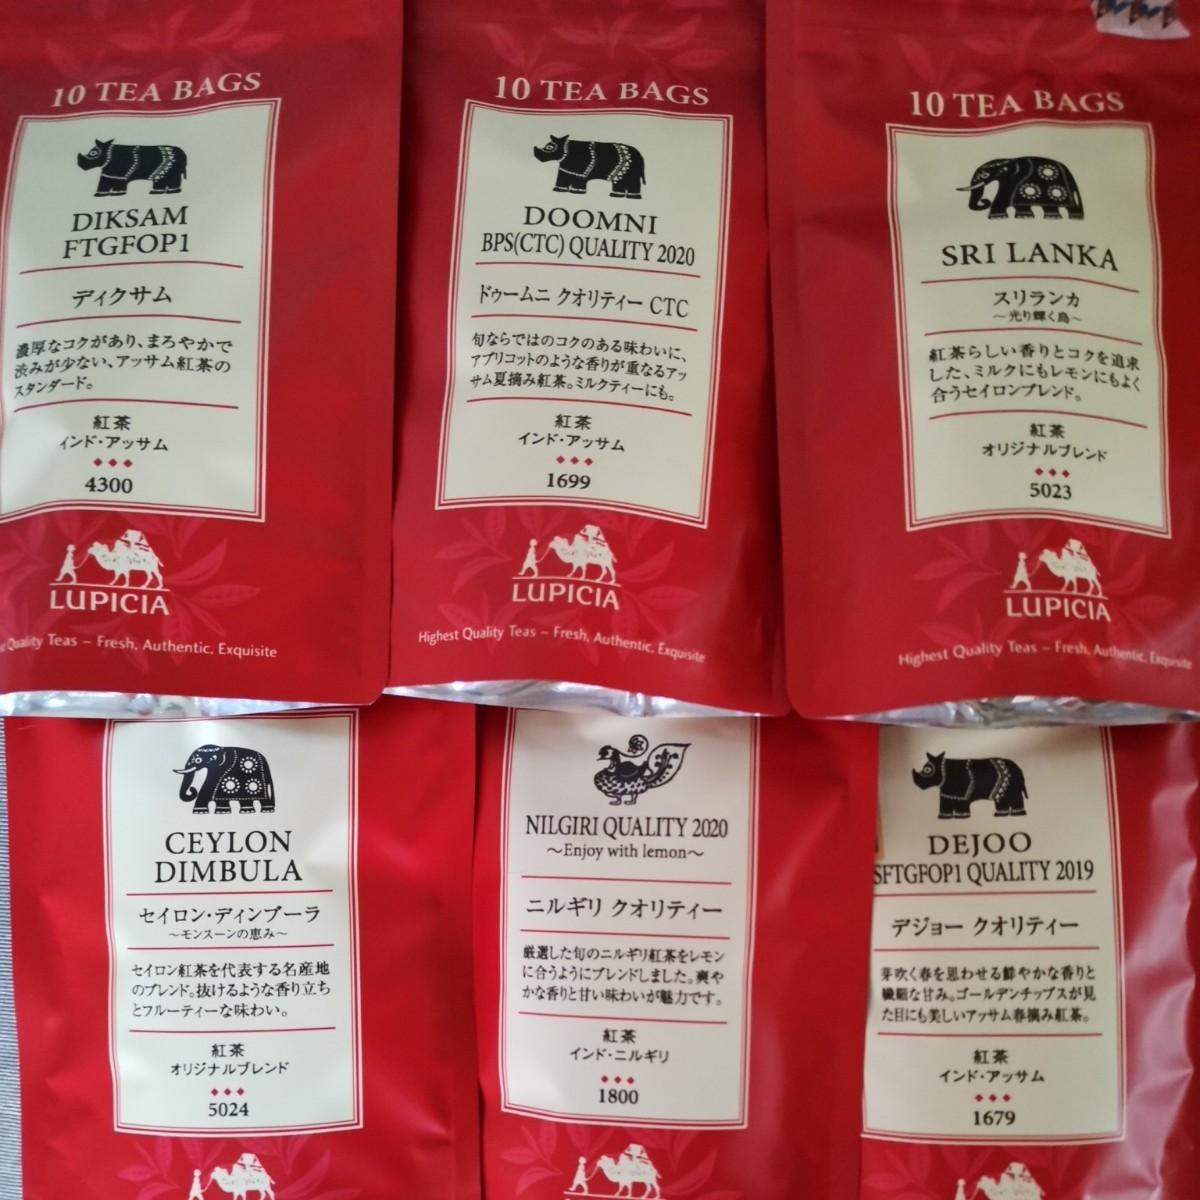 ルピシア 紅茶ティーバッグ 5000円相当 高級茶葉 ディクサム ドゥーム二 スリランカ セイロン ニルギリ デジョー